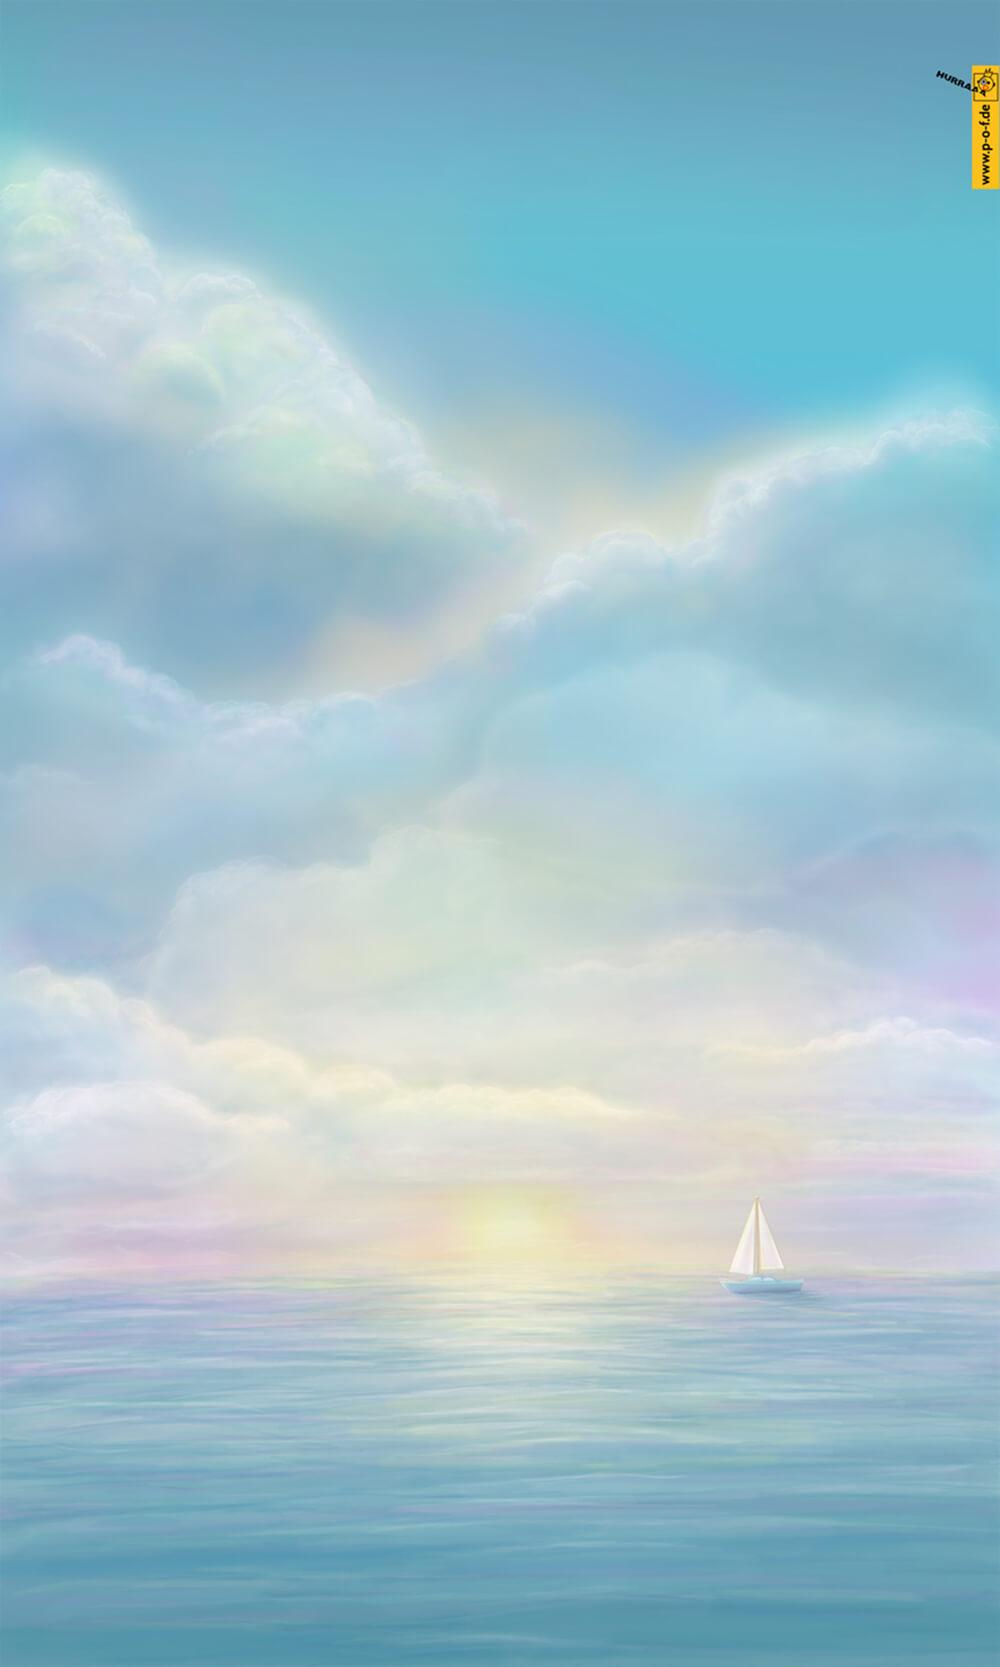 Sonnenuntergang an der Seemit einem Segelboot am Horizont